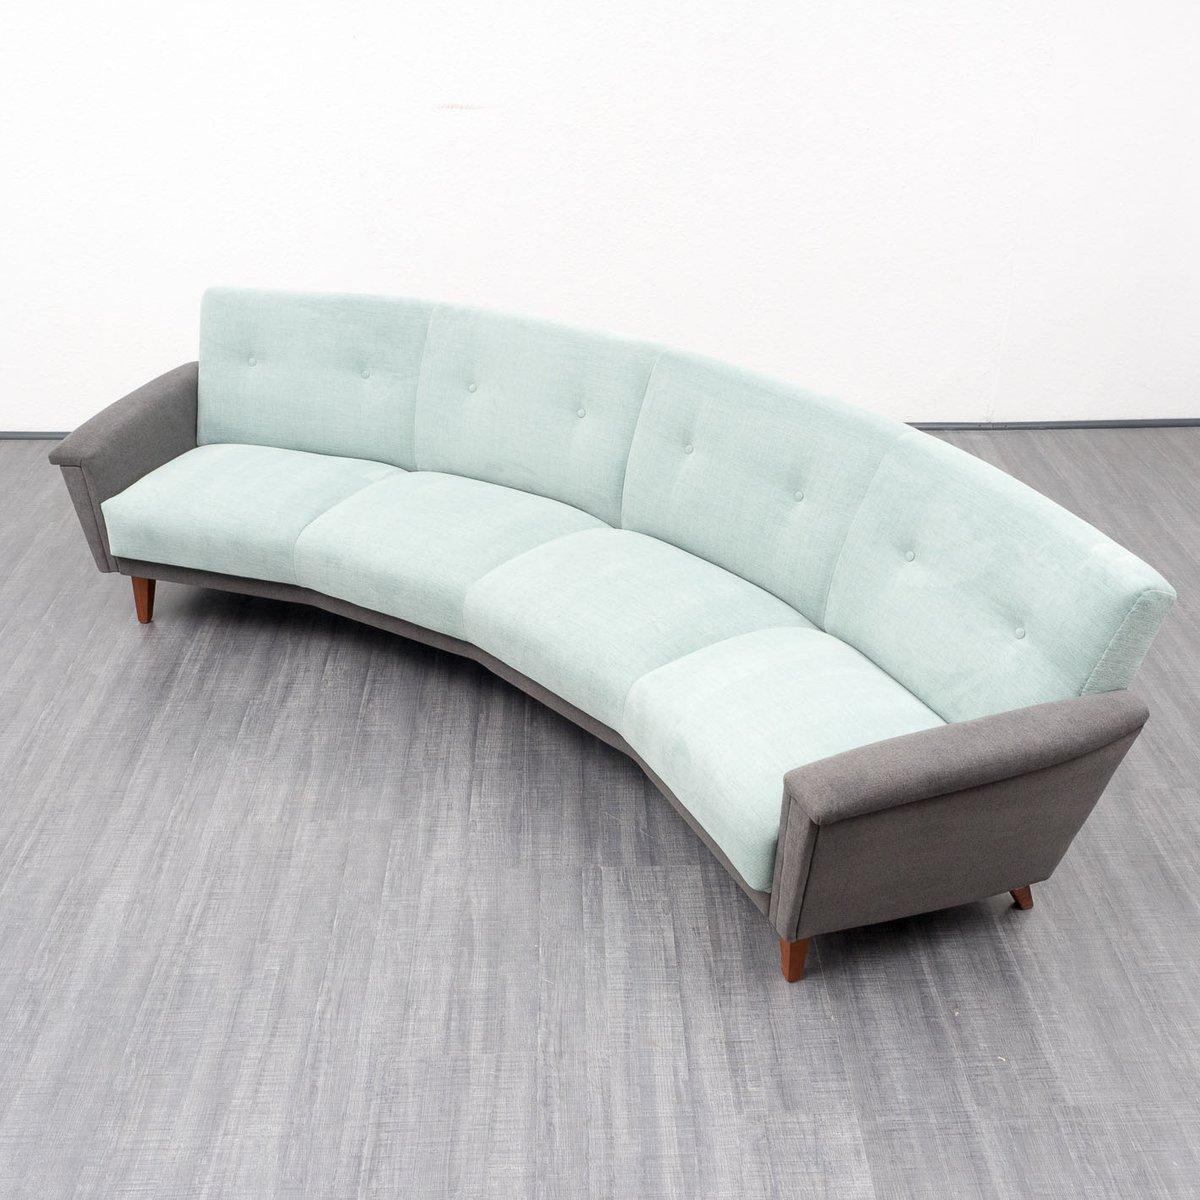 gro es halbrundes sofa 1950er bei pamono kaufen. Black Bedroom Furniture Sets. Home Design Ideas